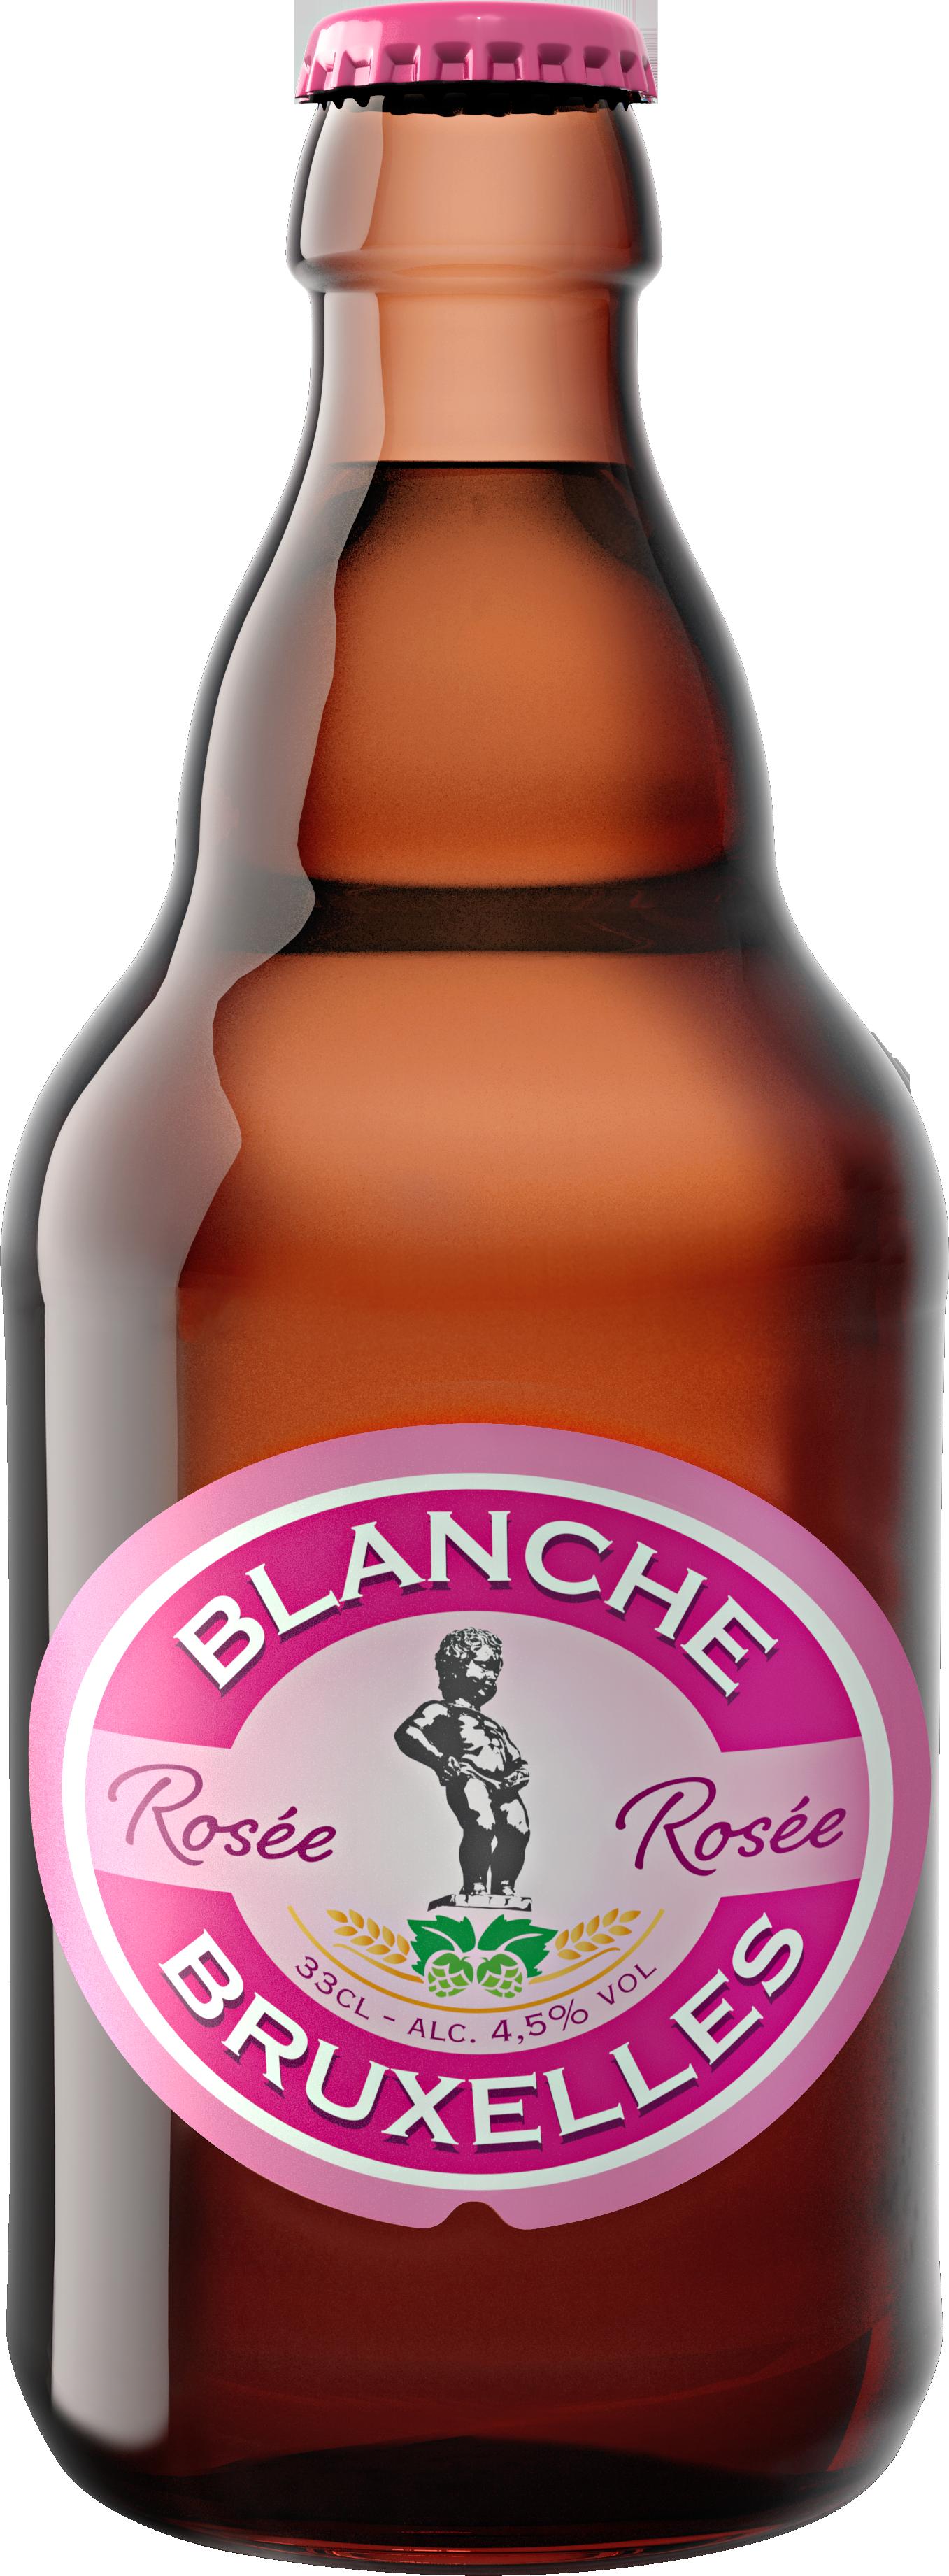 Blanche de Bruxelles Rosée Photo